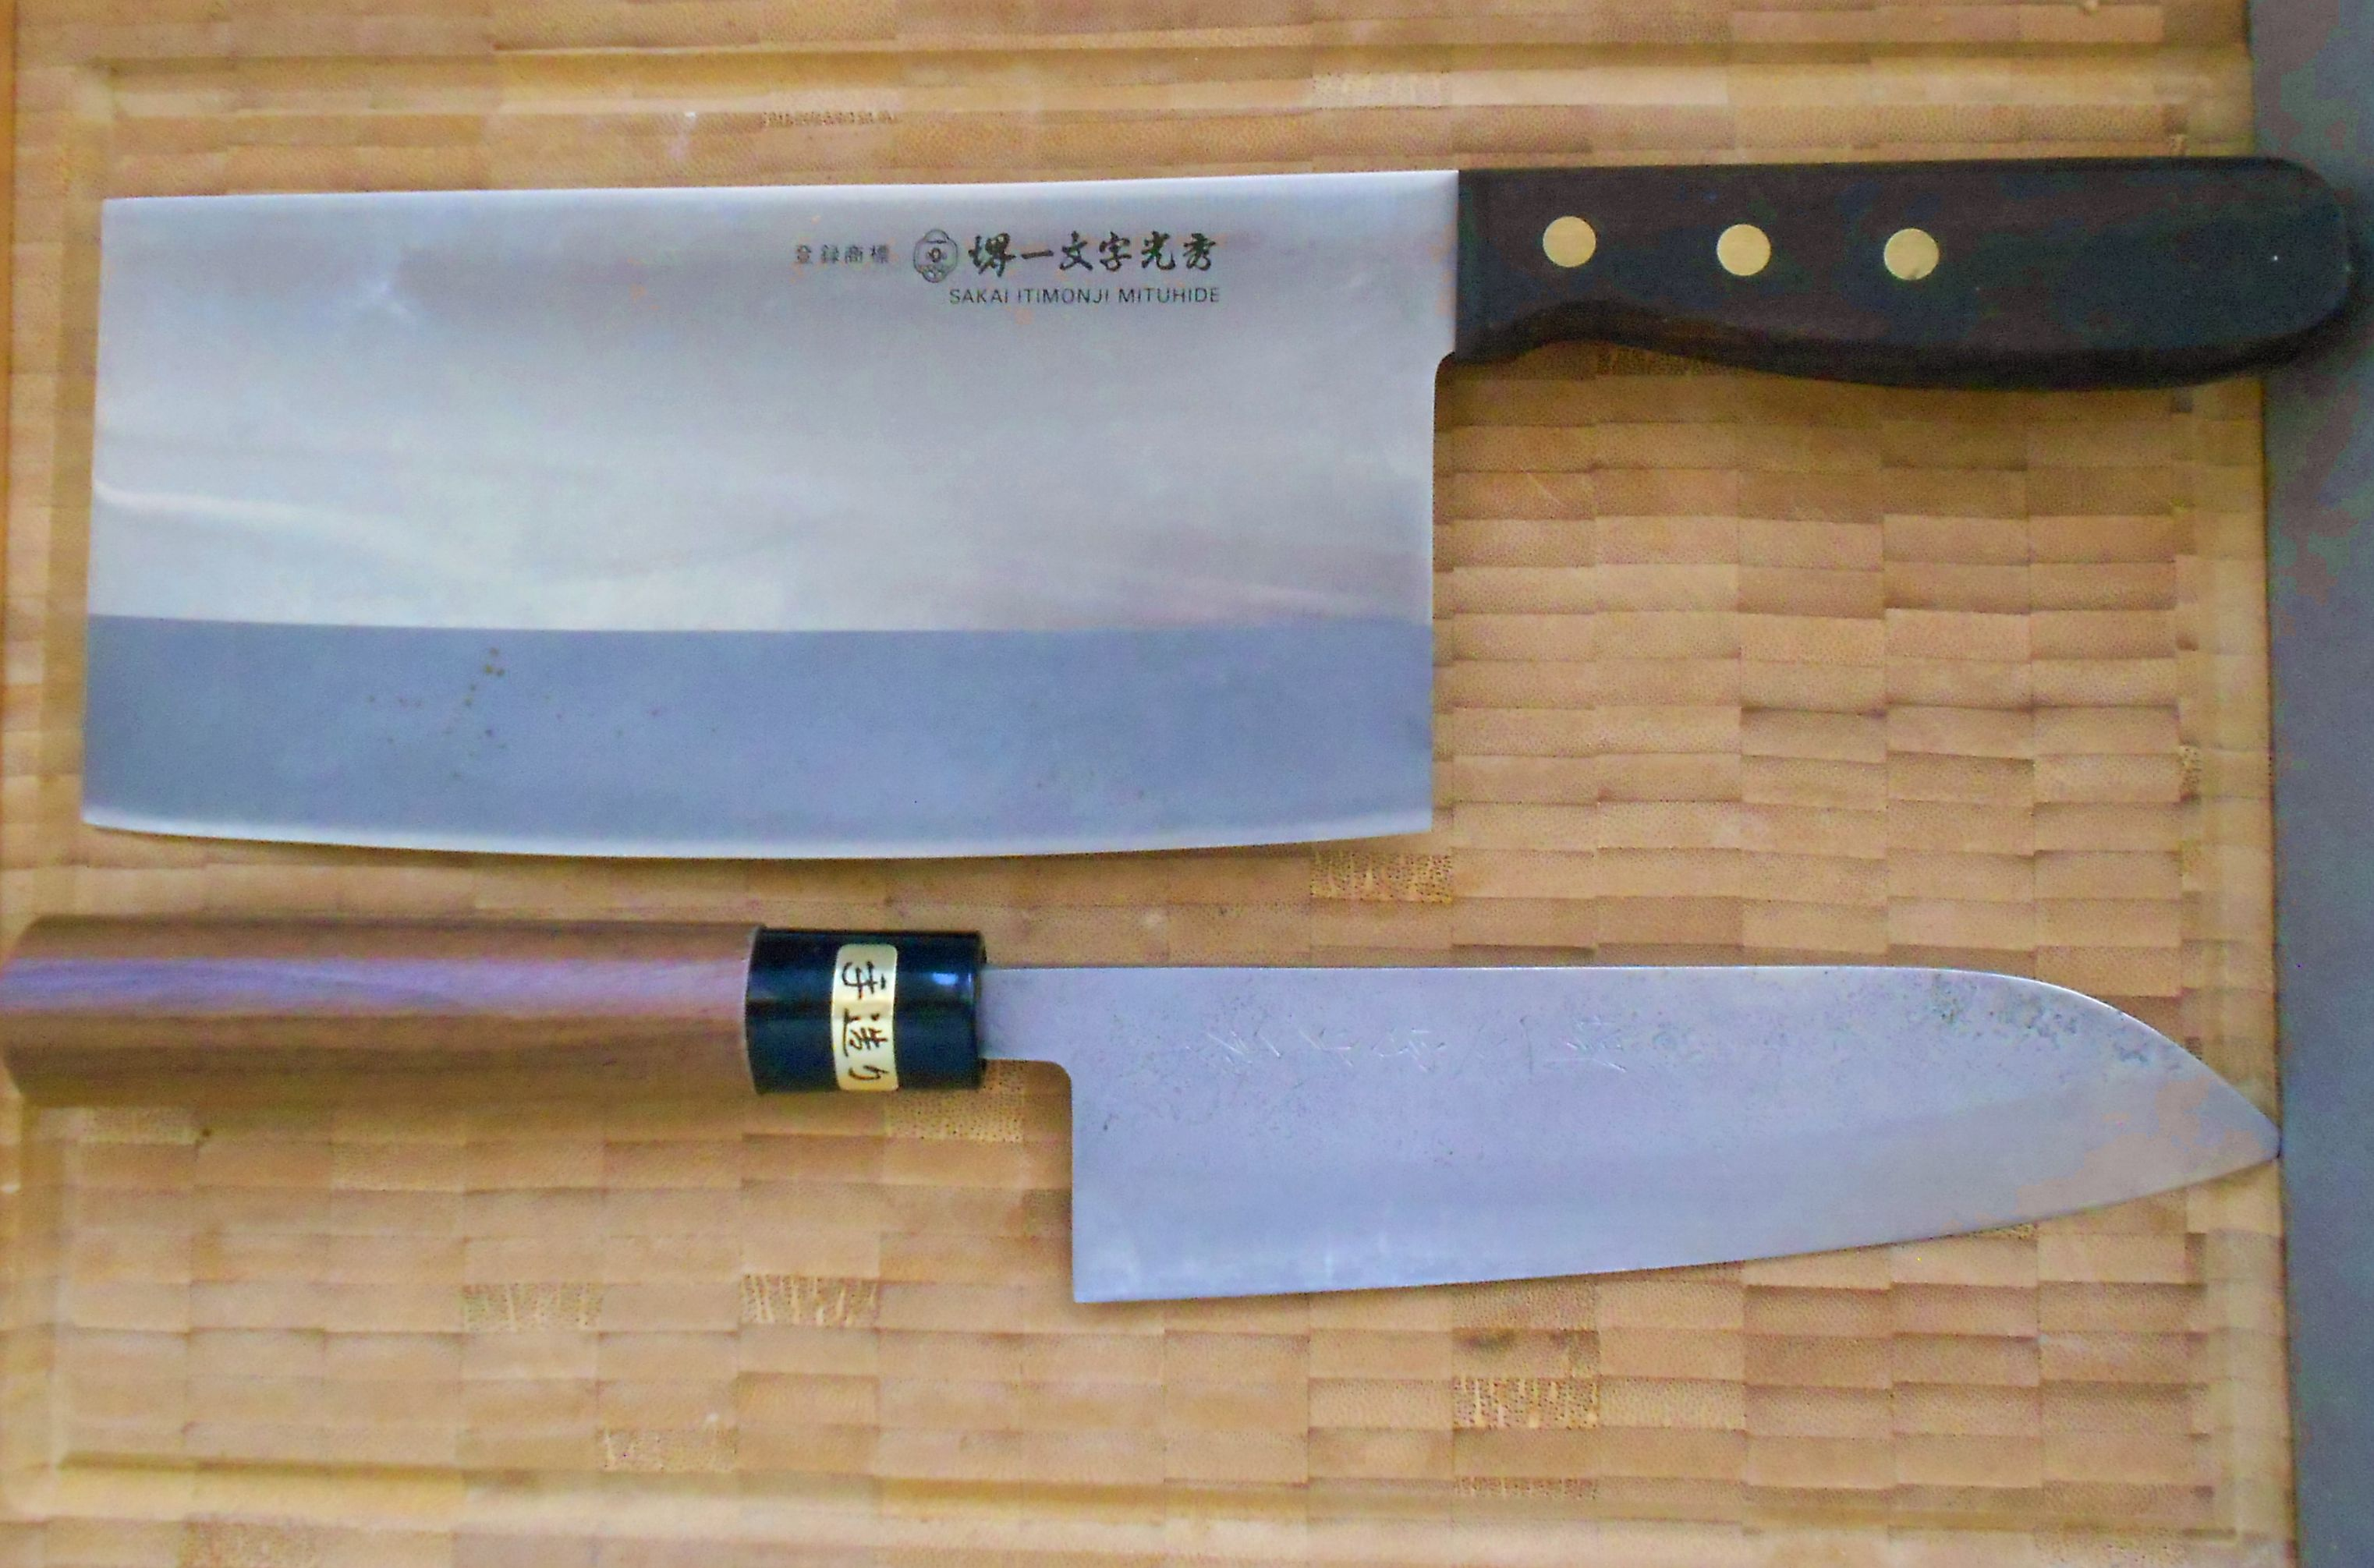 kínai és japán konyhakéseim